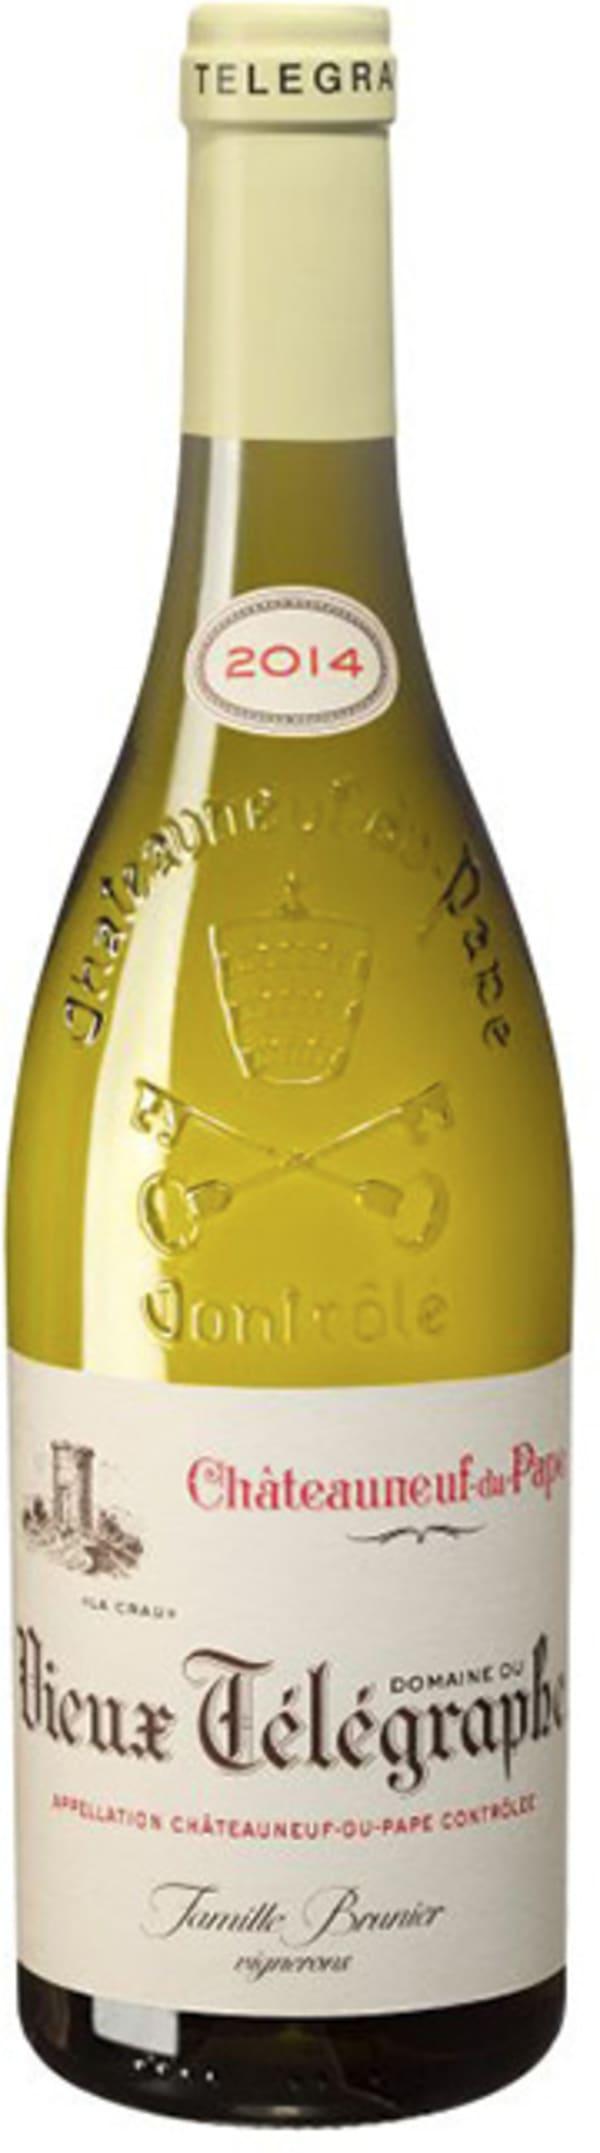 """Domaine du Vieux Telegraphe Châteauneuf-du-Pape Blanc """"La Crau"""" 2018"""